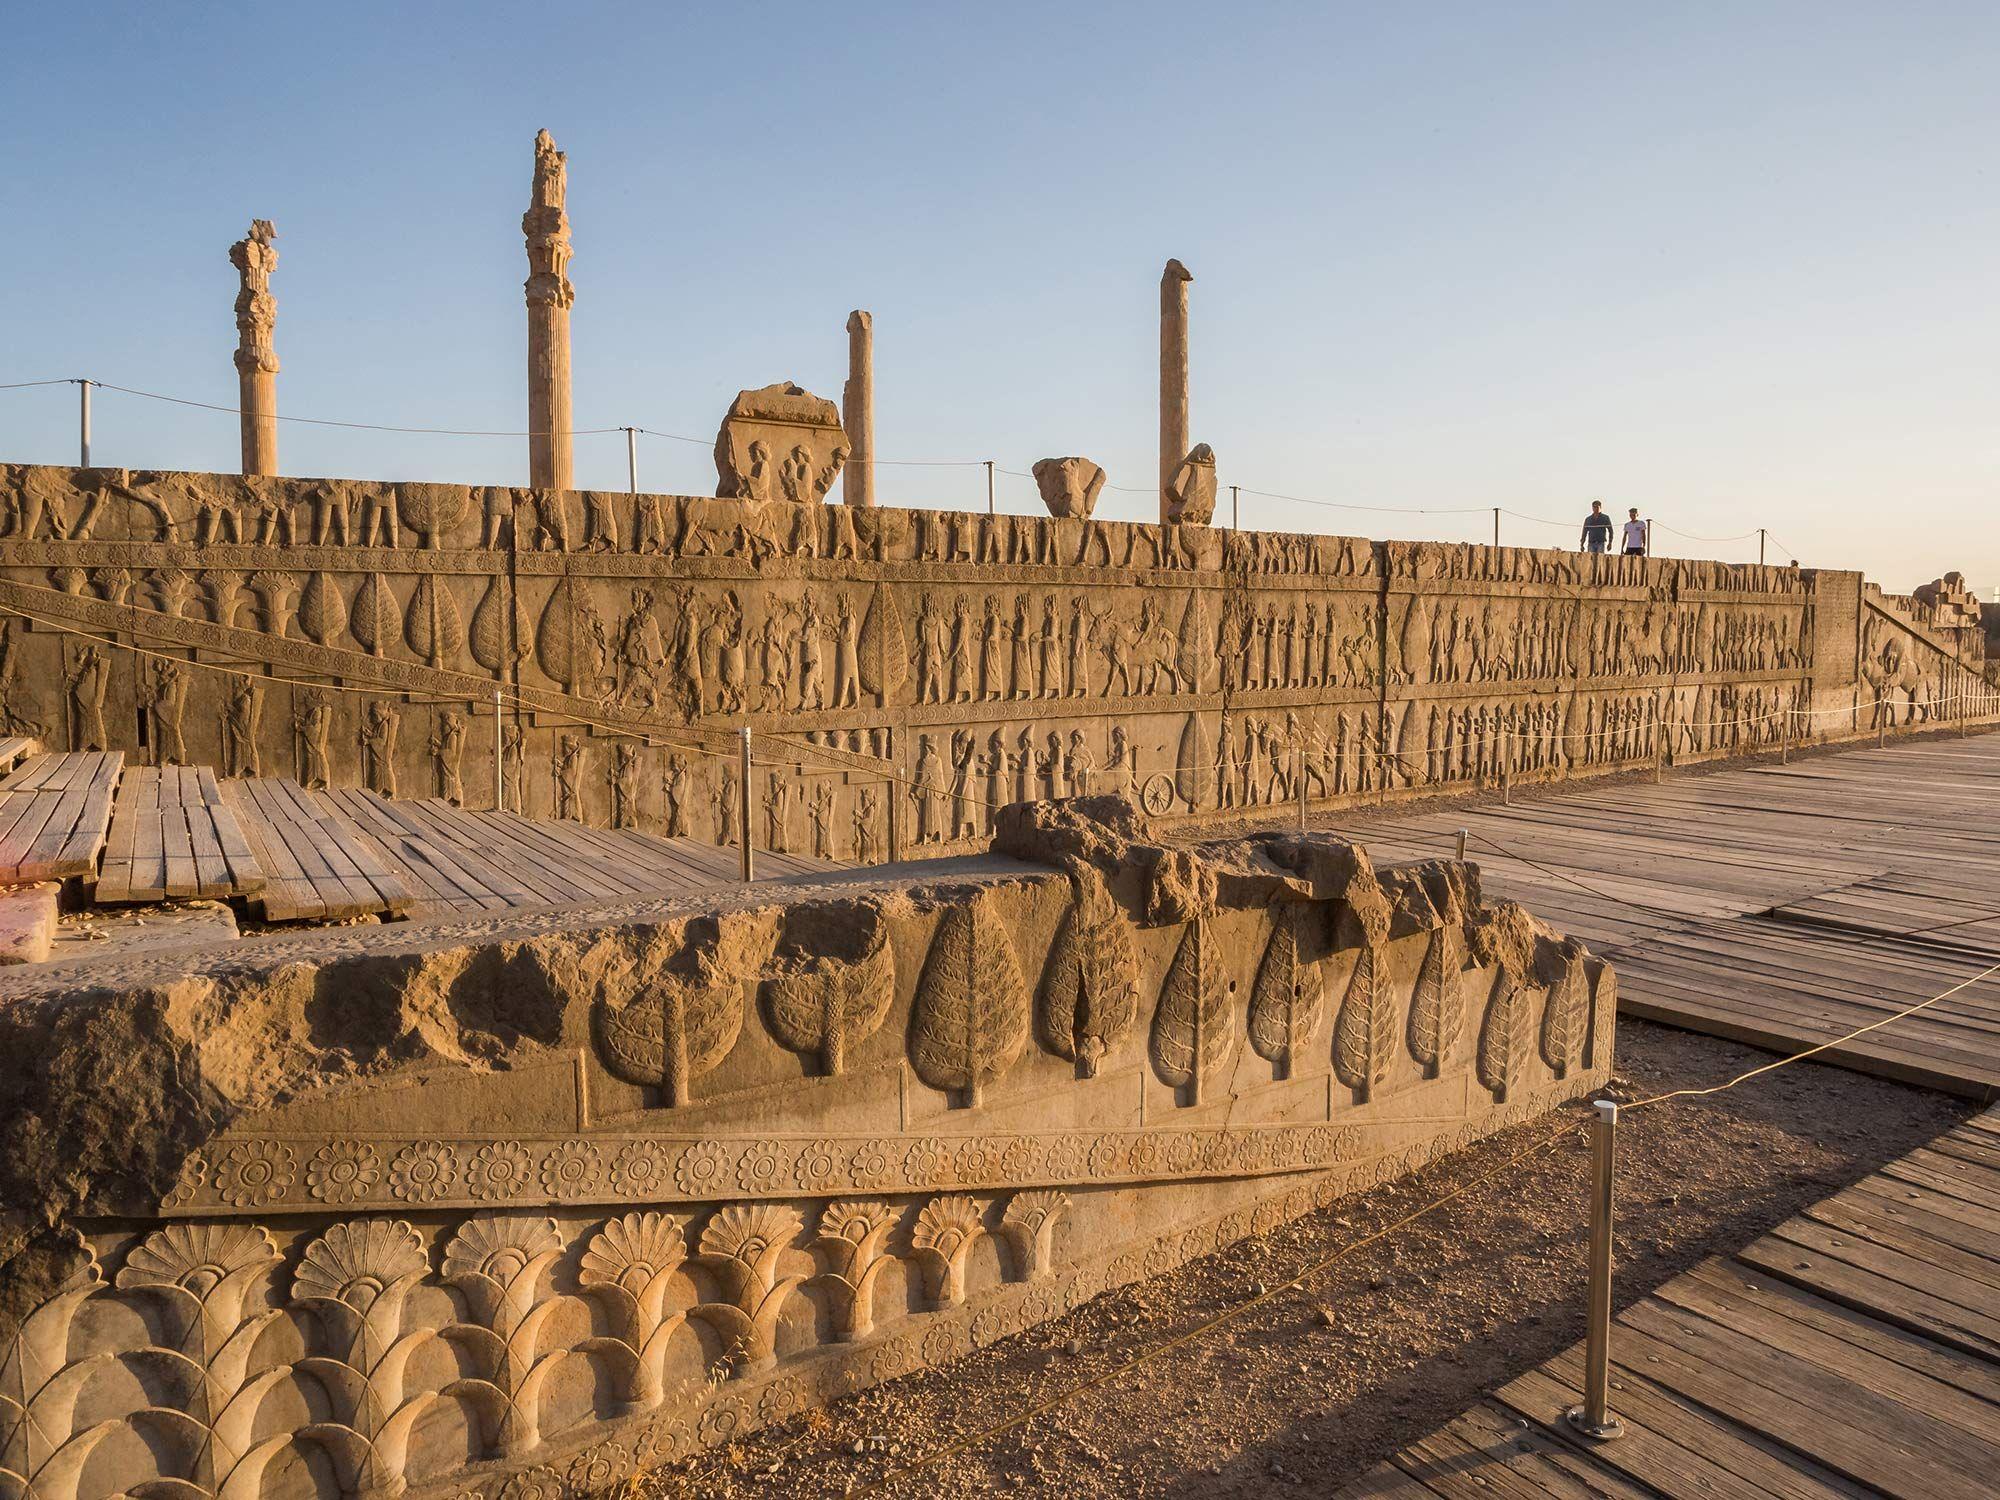 Comment Persepolis Fut Reduite Au Silence